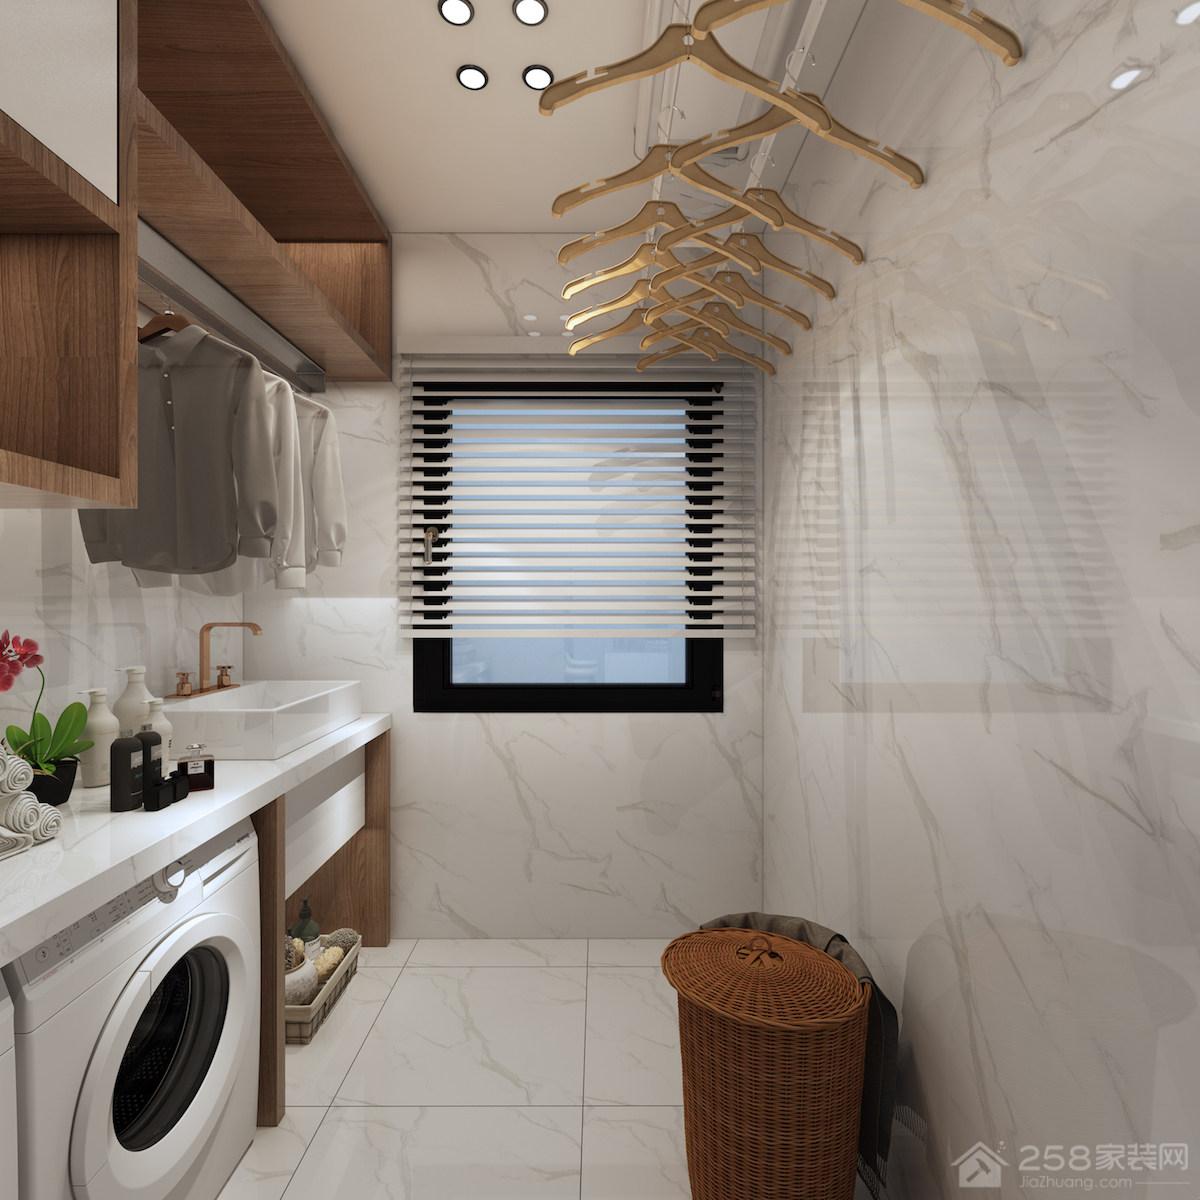 现代风格洗衣房装修效果图